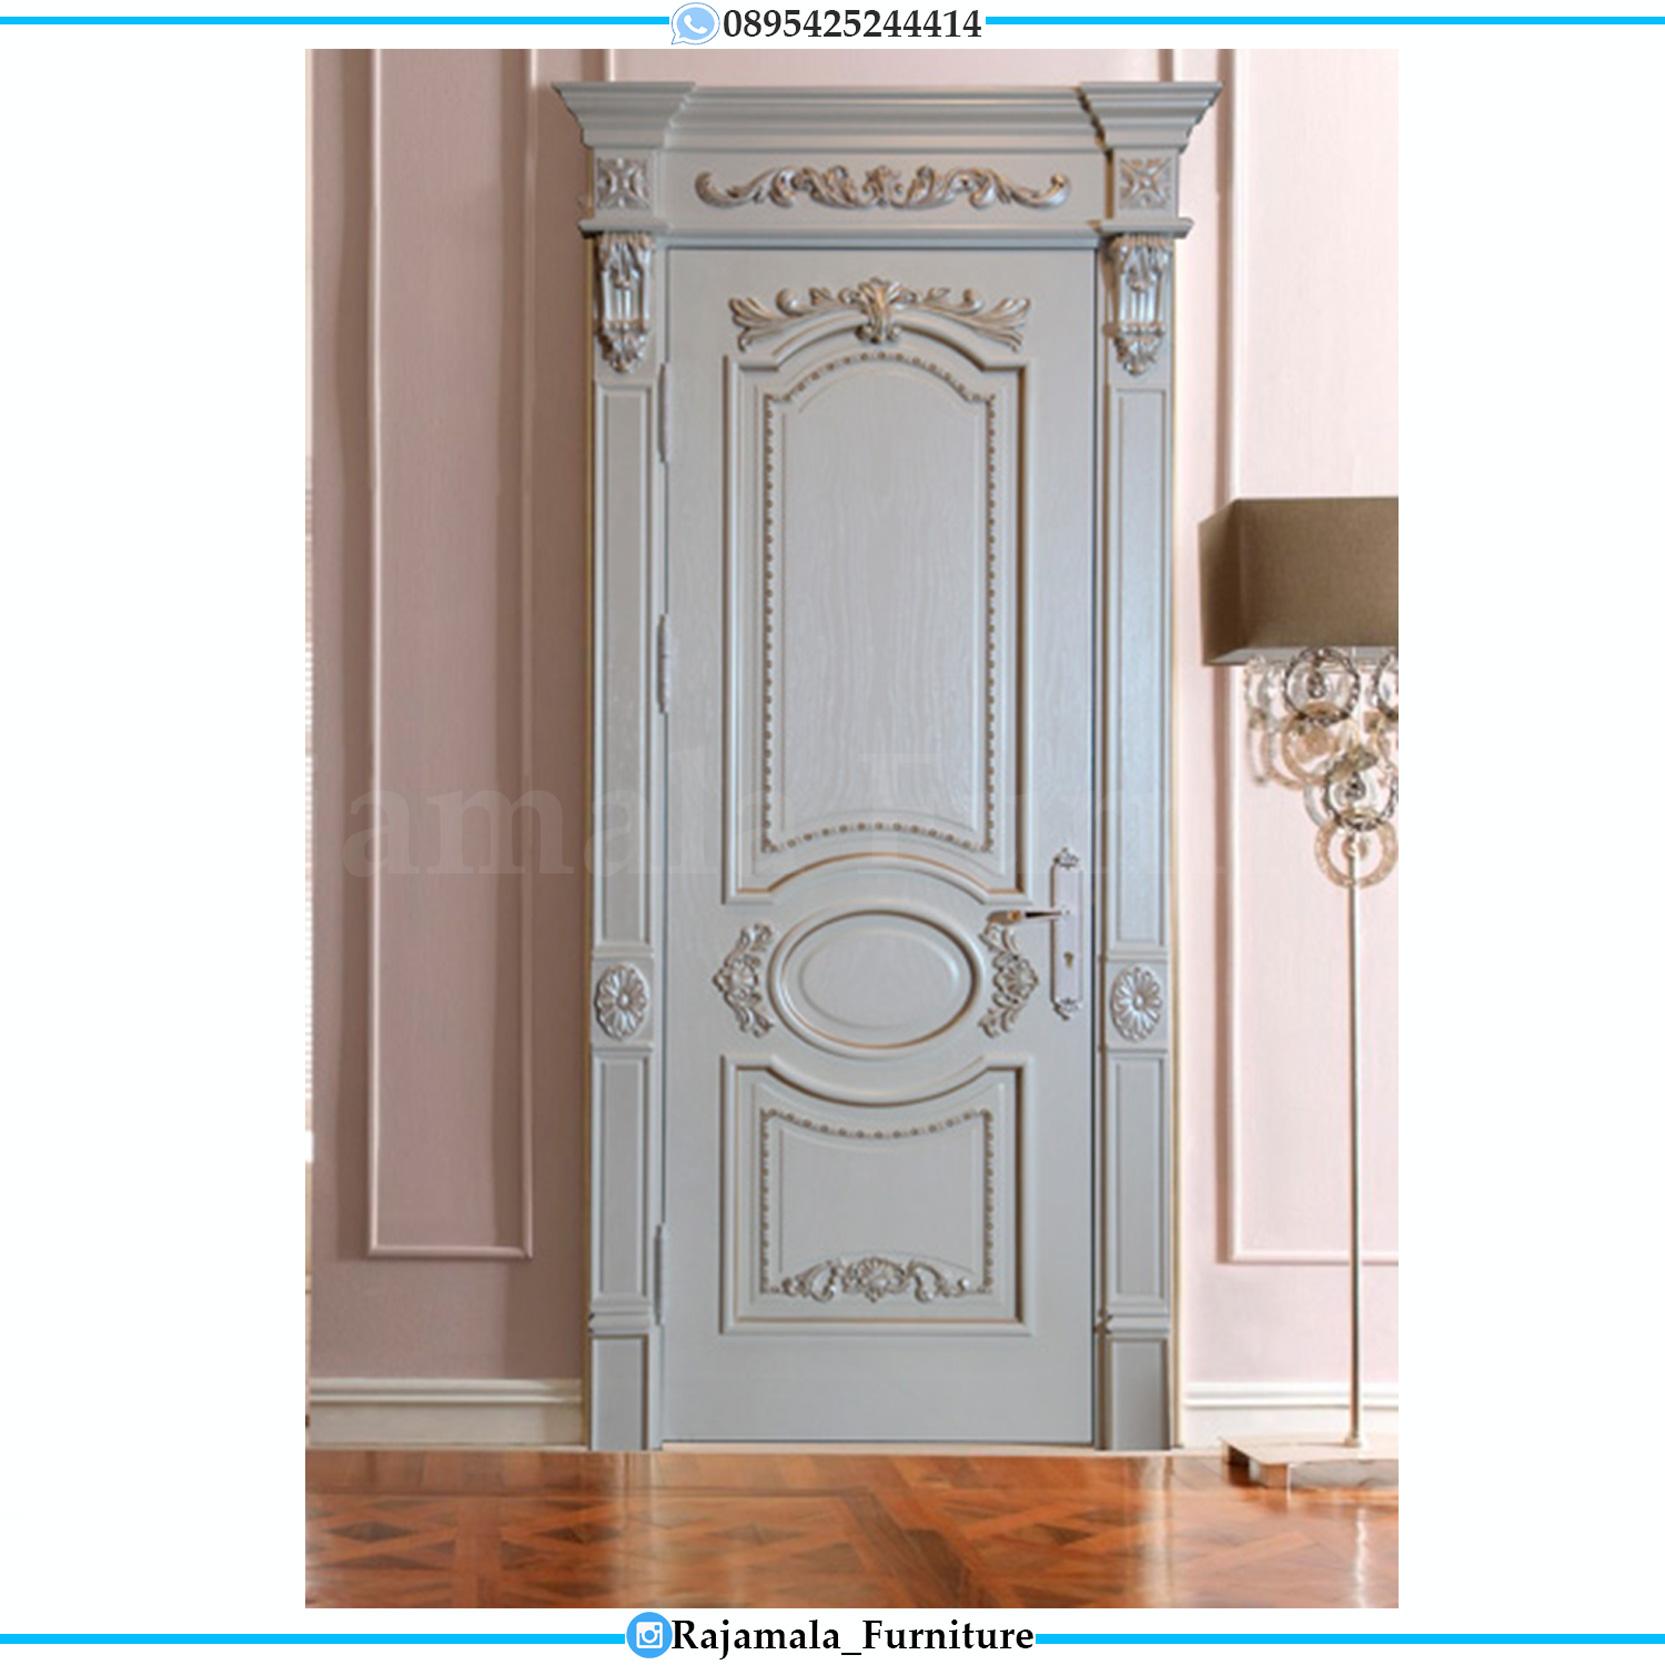 Pintu Rumah Modern Cat Duco Ukiran Luxury Mebel Jepara RM-0055